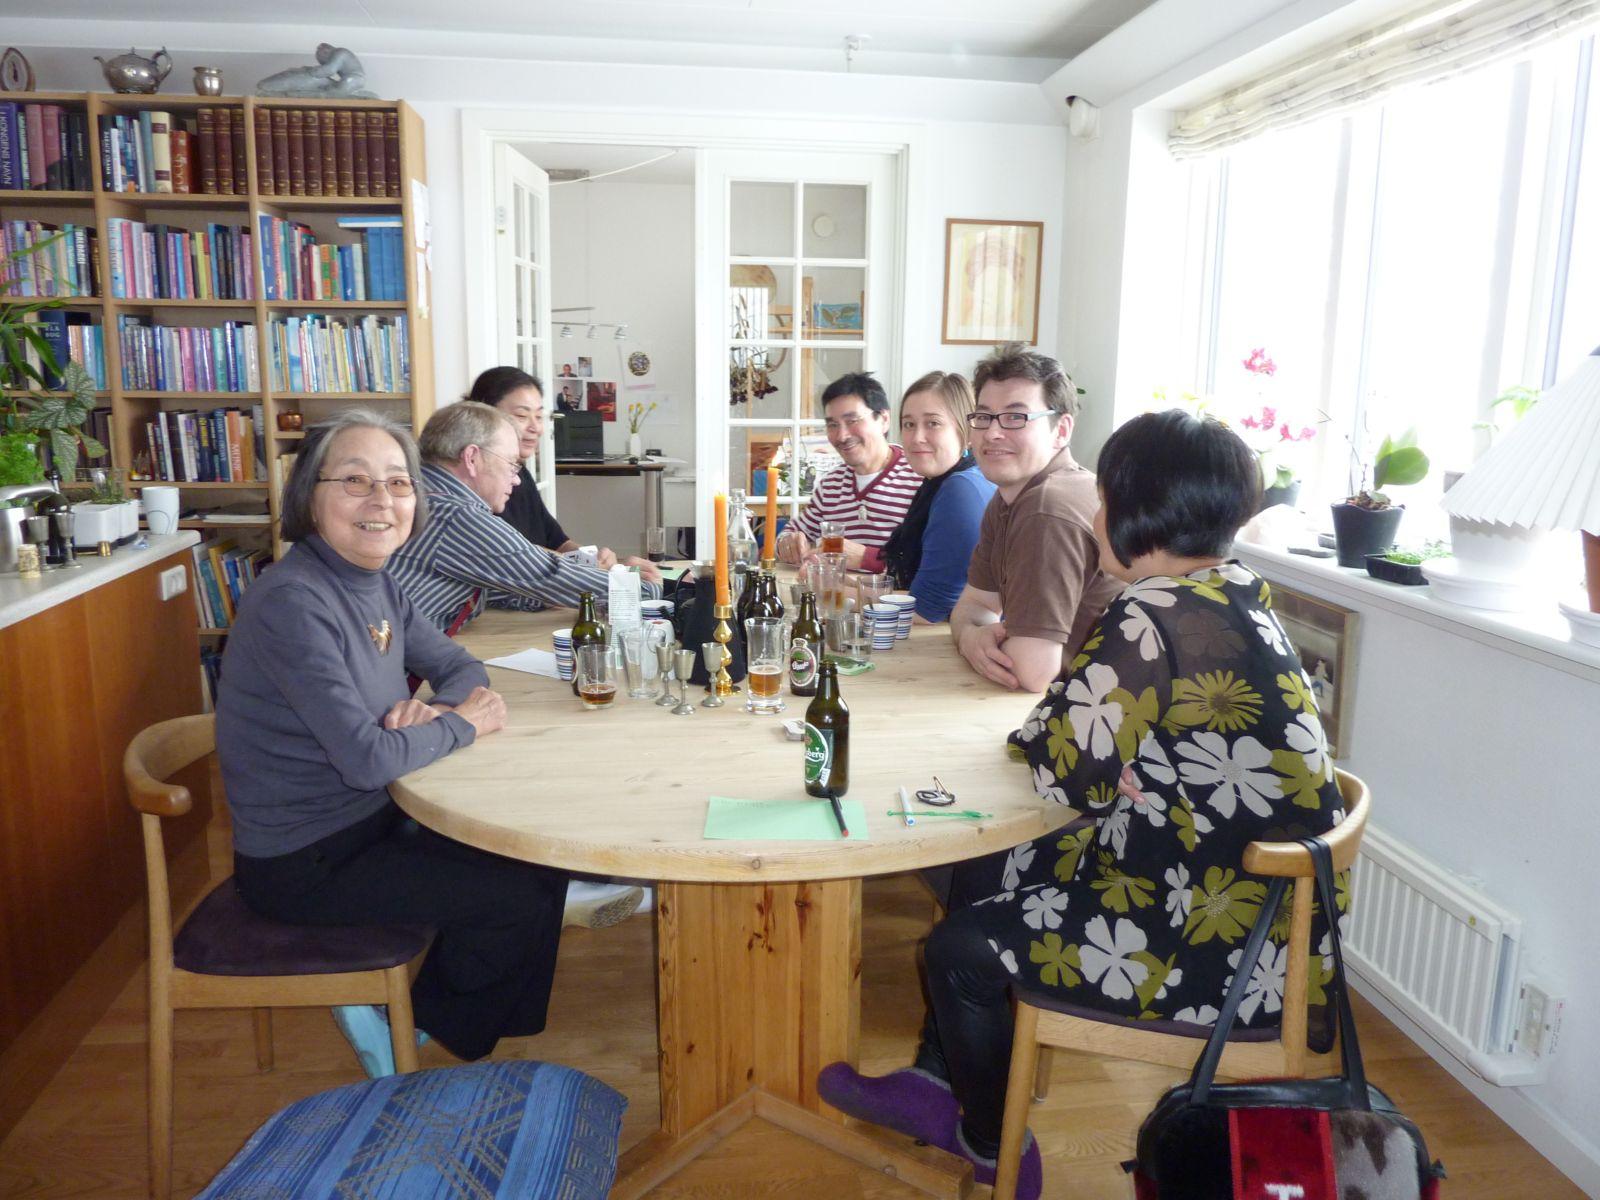 2010-04-02-1602_-_Ane Sofie Labansen; Hans Labansen; Jakobine Labansen; Jesper Eugenius Labansen; Maritha Eugenius La